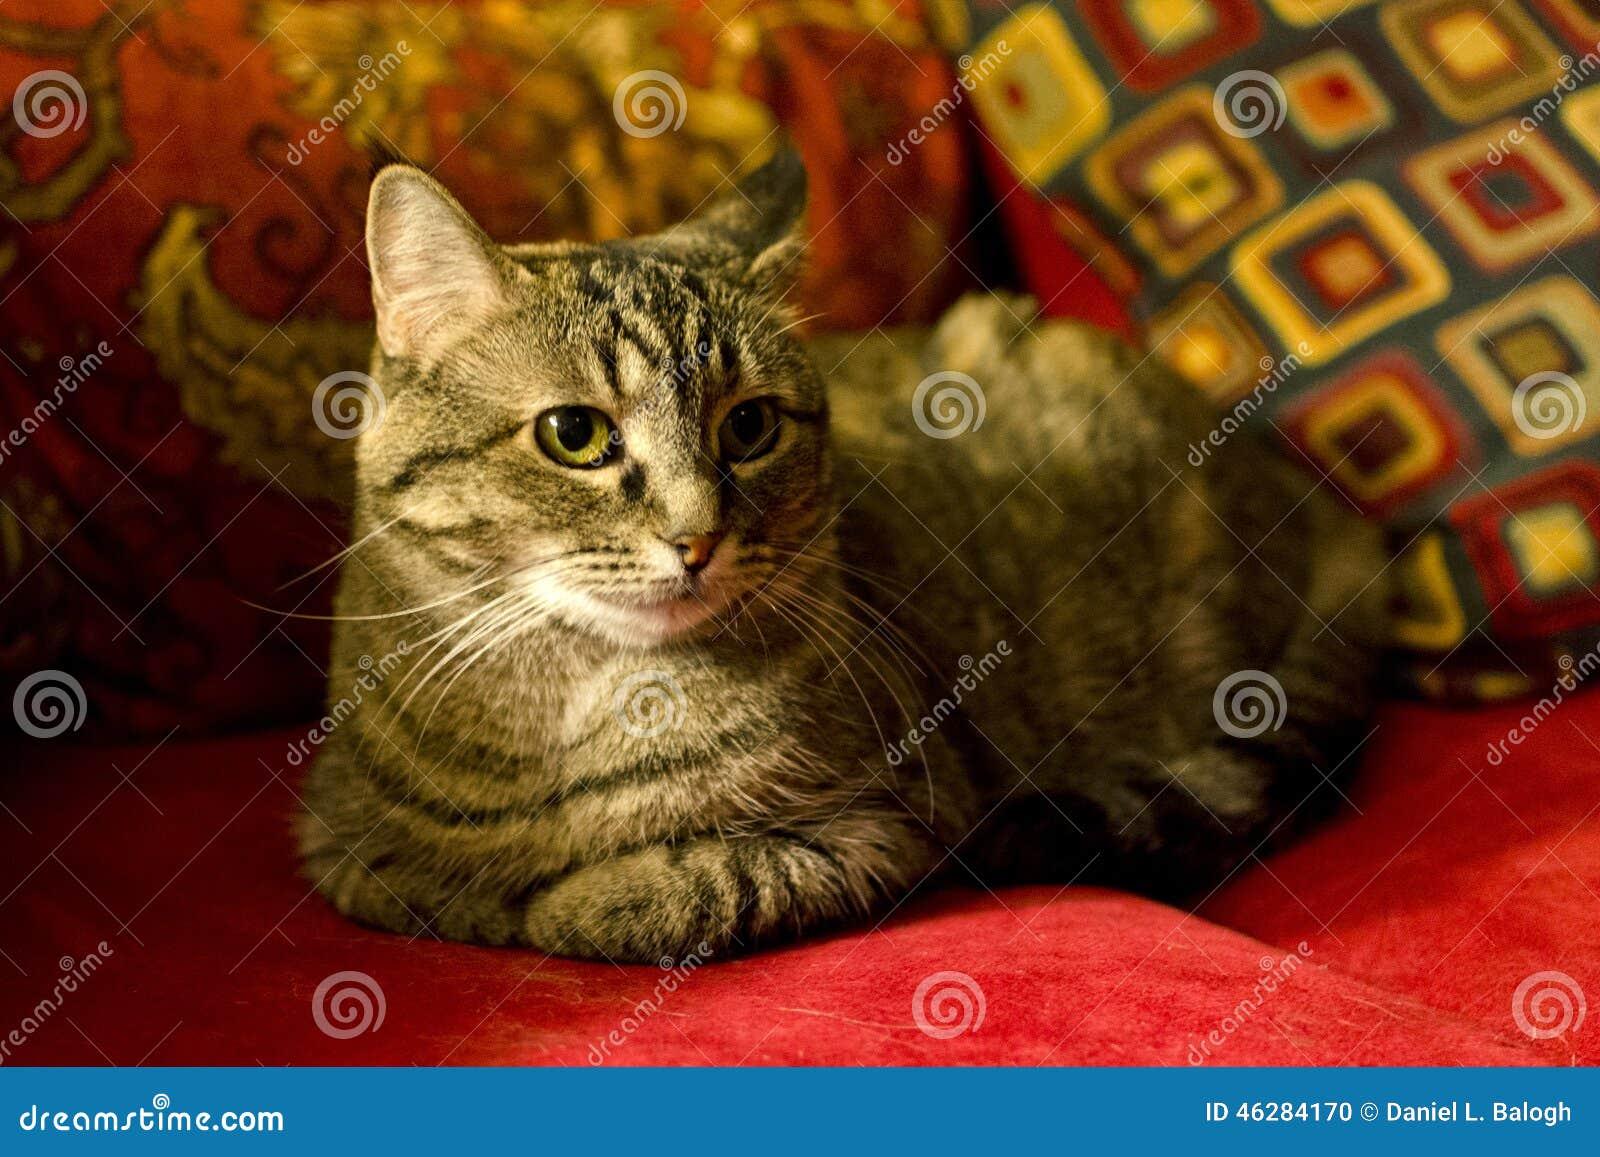 Haus Katze Auf Roter Couch Stockfoto Bild Von Asiatisch 46284170